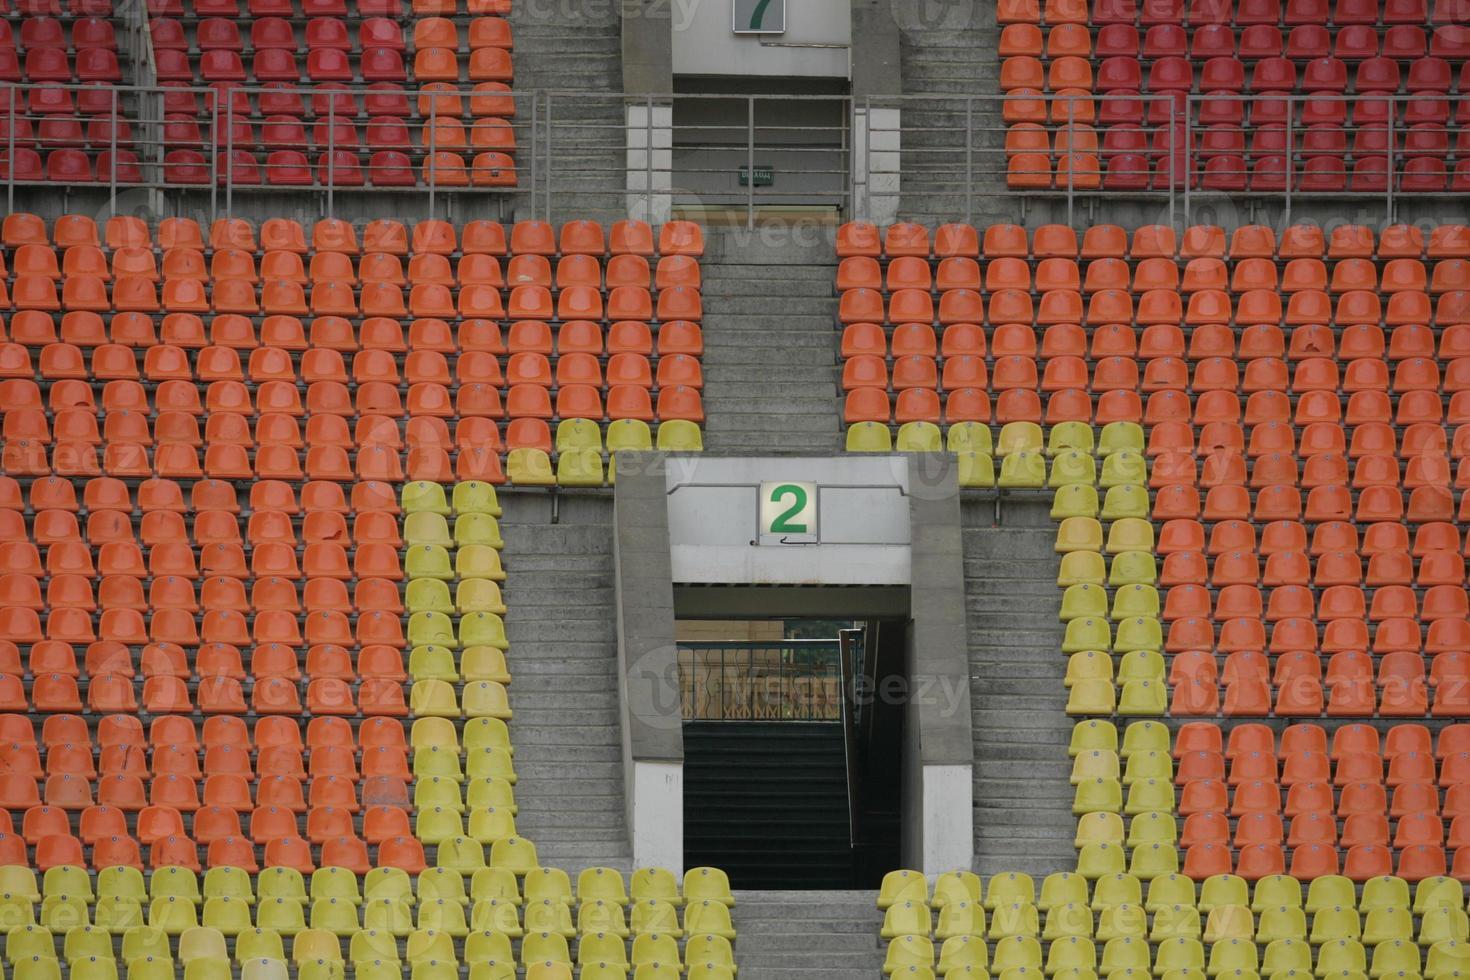 Stadion nach dem Spiel foto